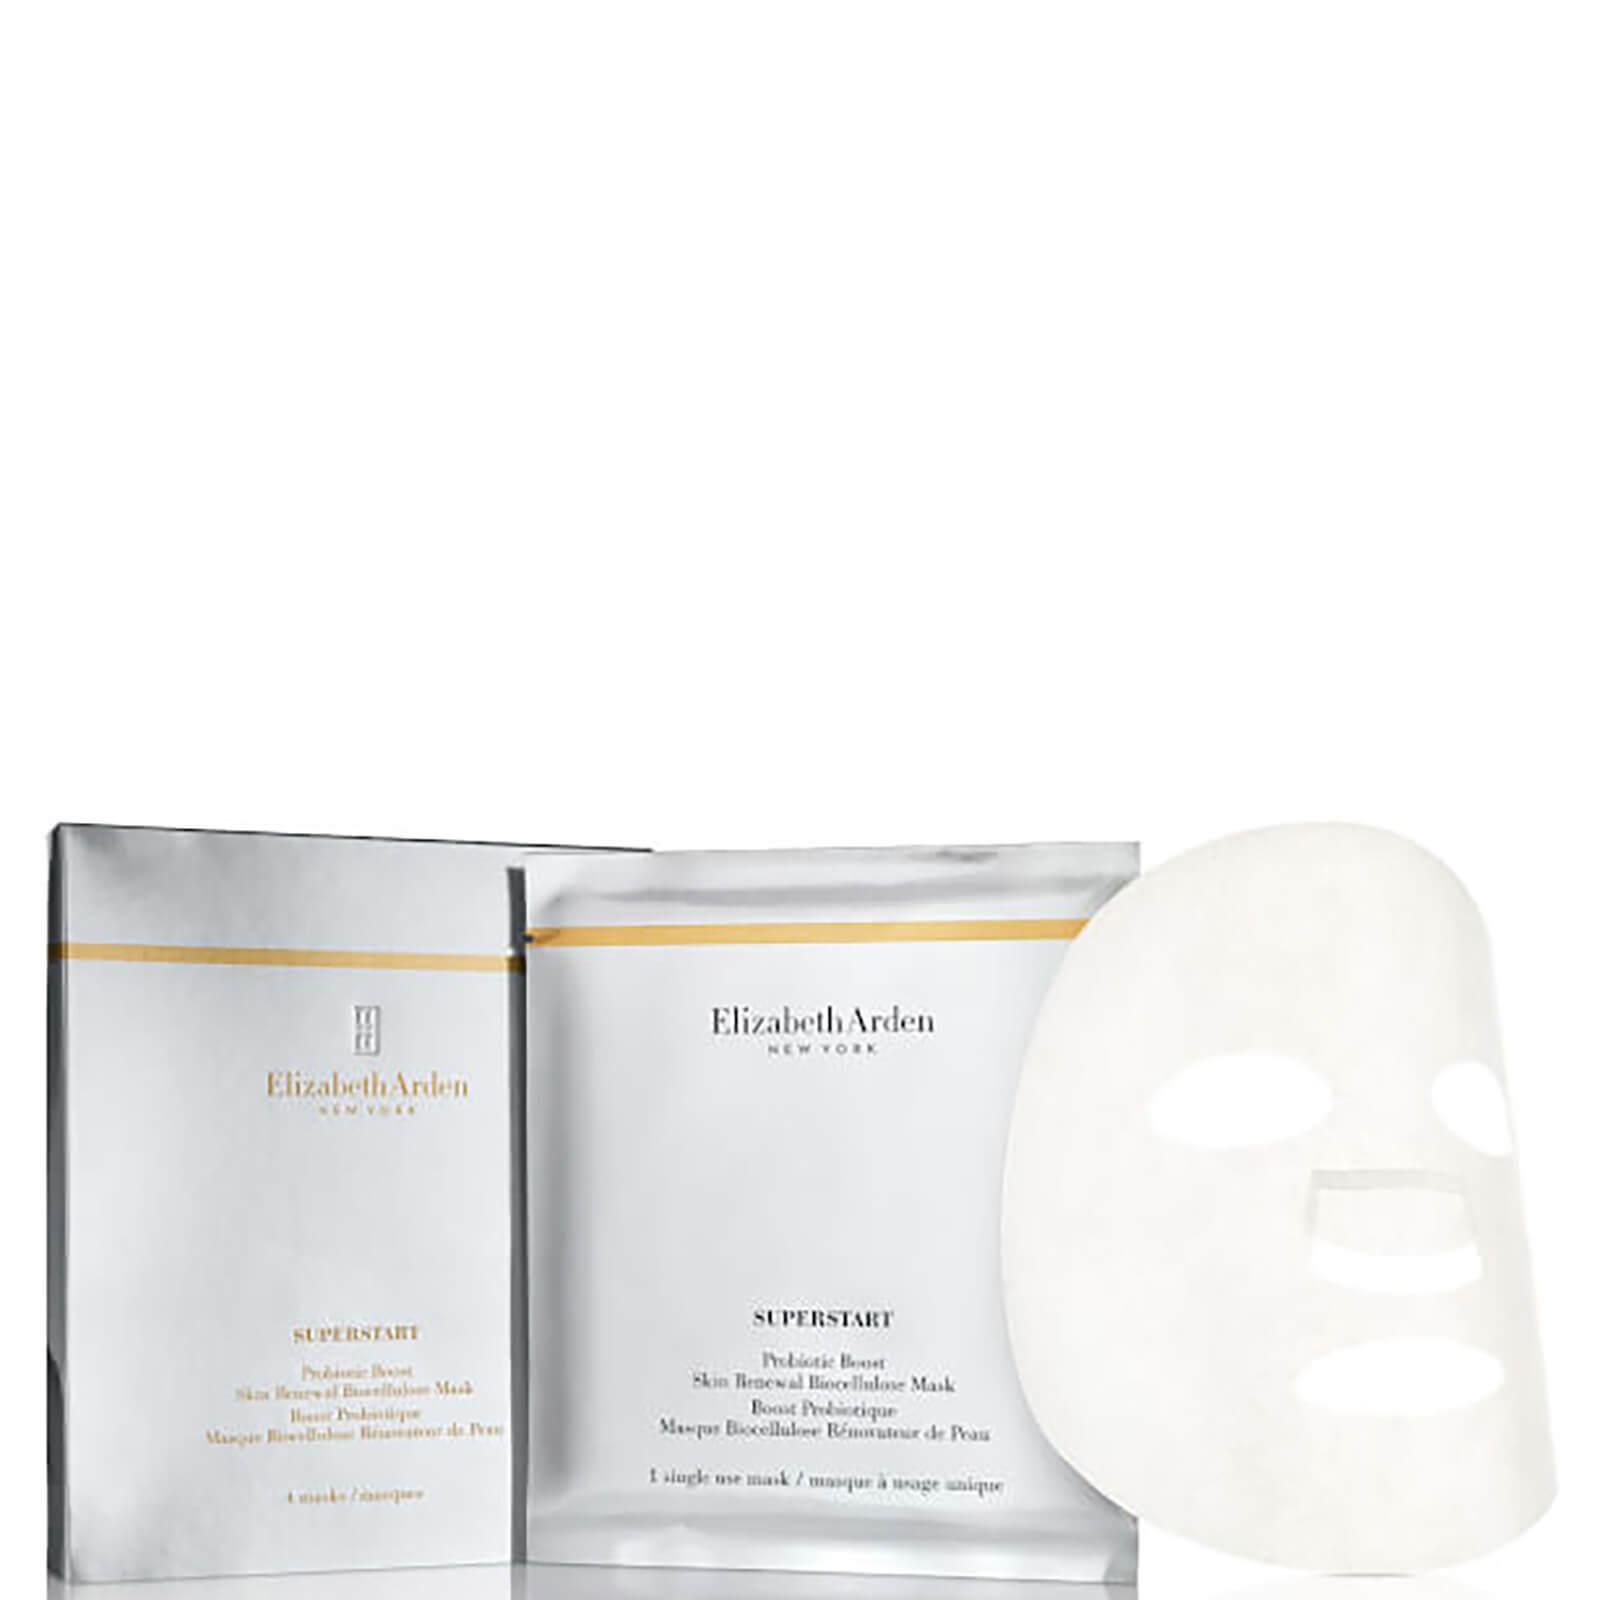 Elizabeth Arden Superstart Probiotic Boost Skin Renewal Bio Cellulose Mask (4 Masks)